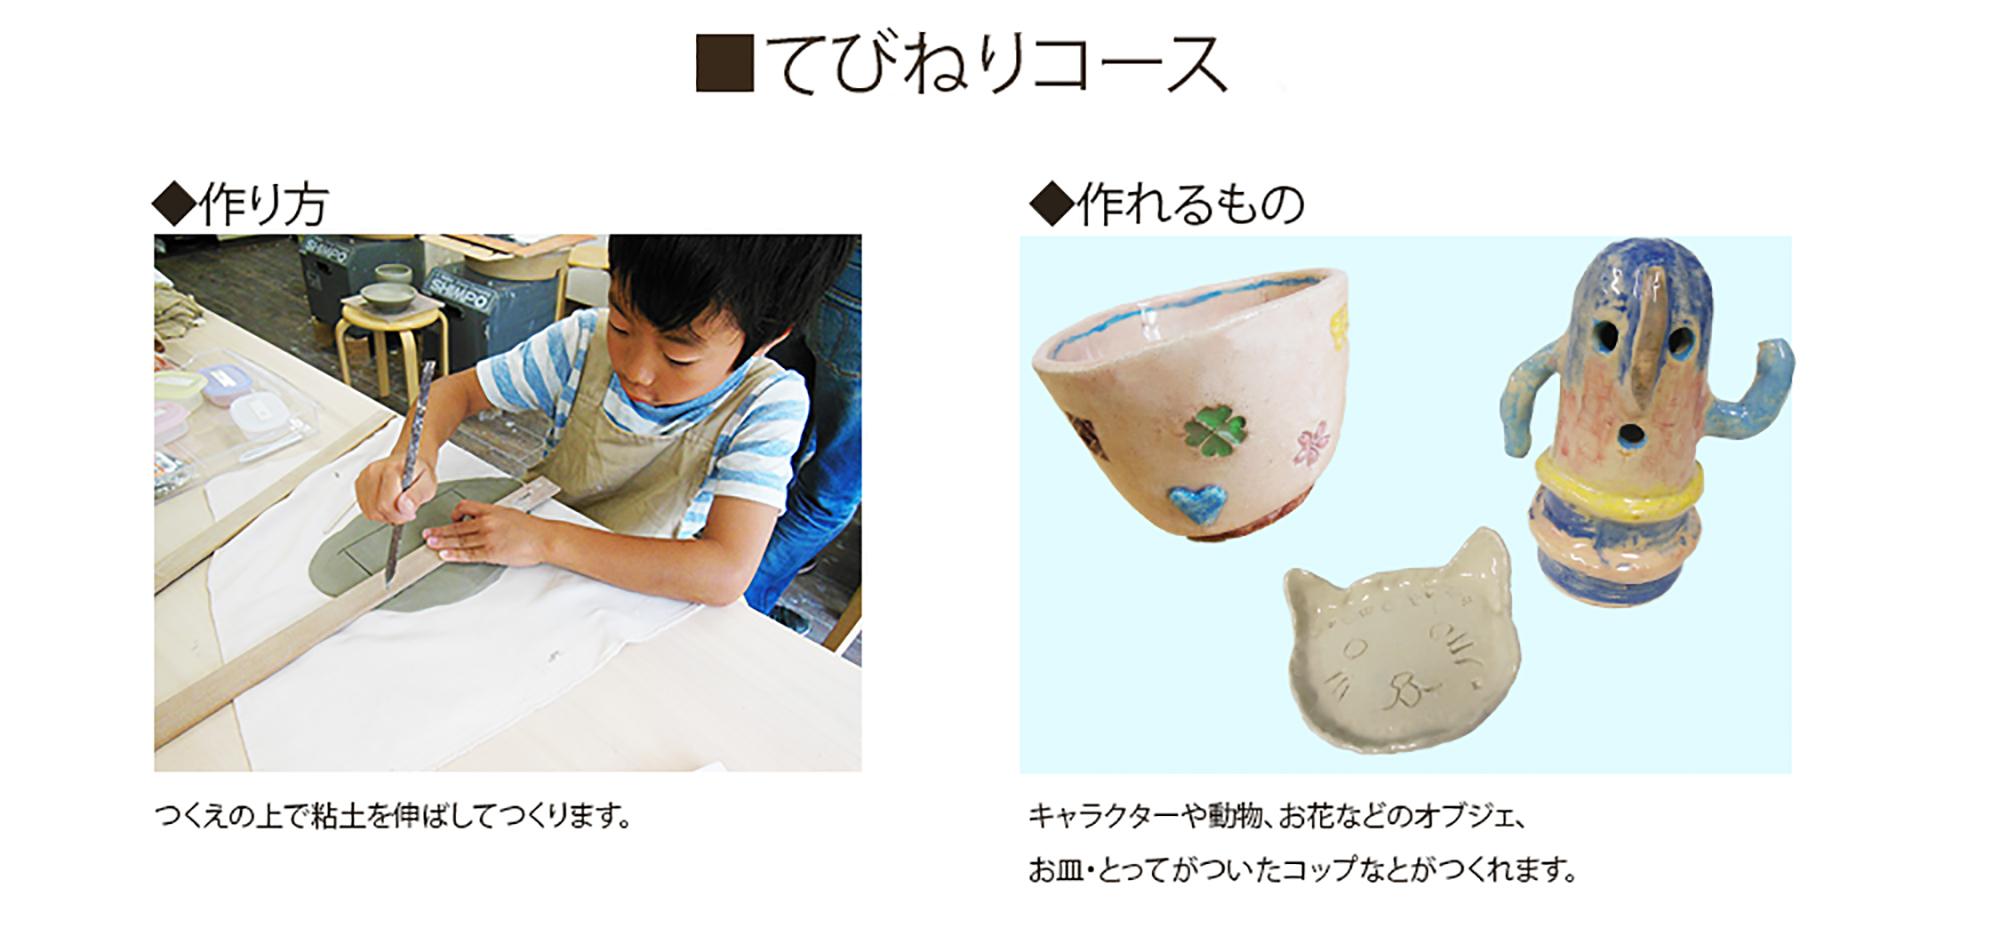 kids-image-tebineri2